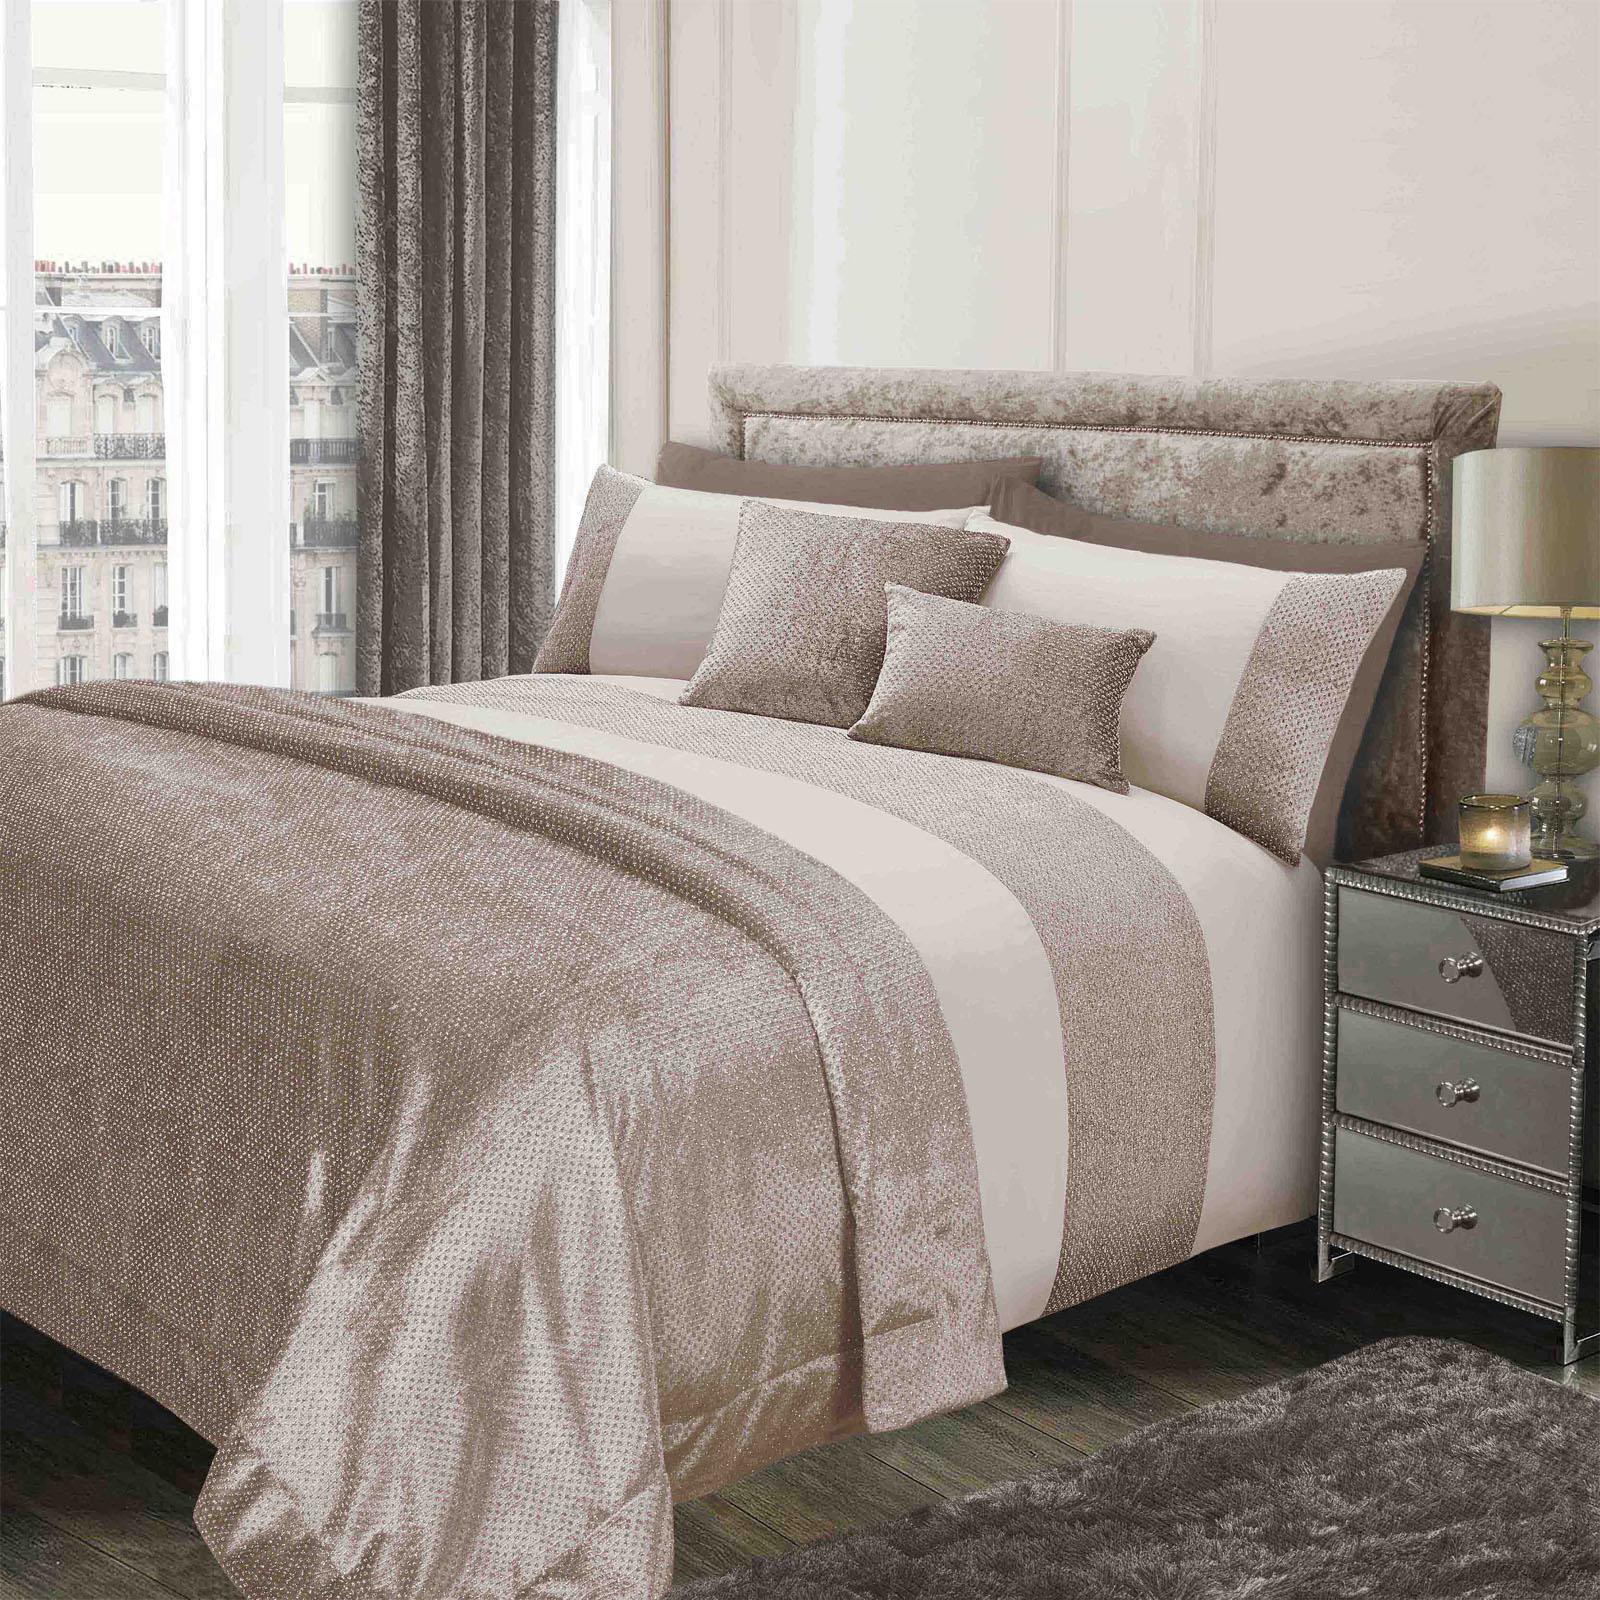 Sienna-Glitter-Duvet-Cover-with-Pillow-Case-Sparkle-Velvet-Bedding-Set-Grey-Gold